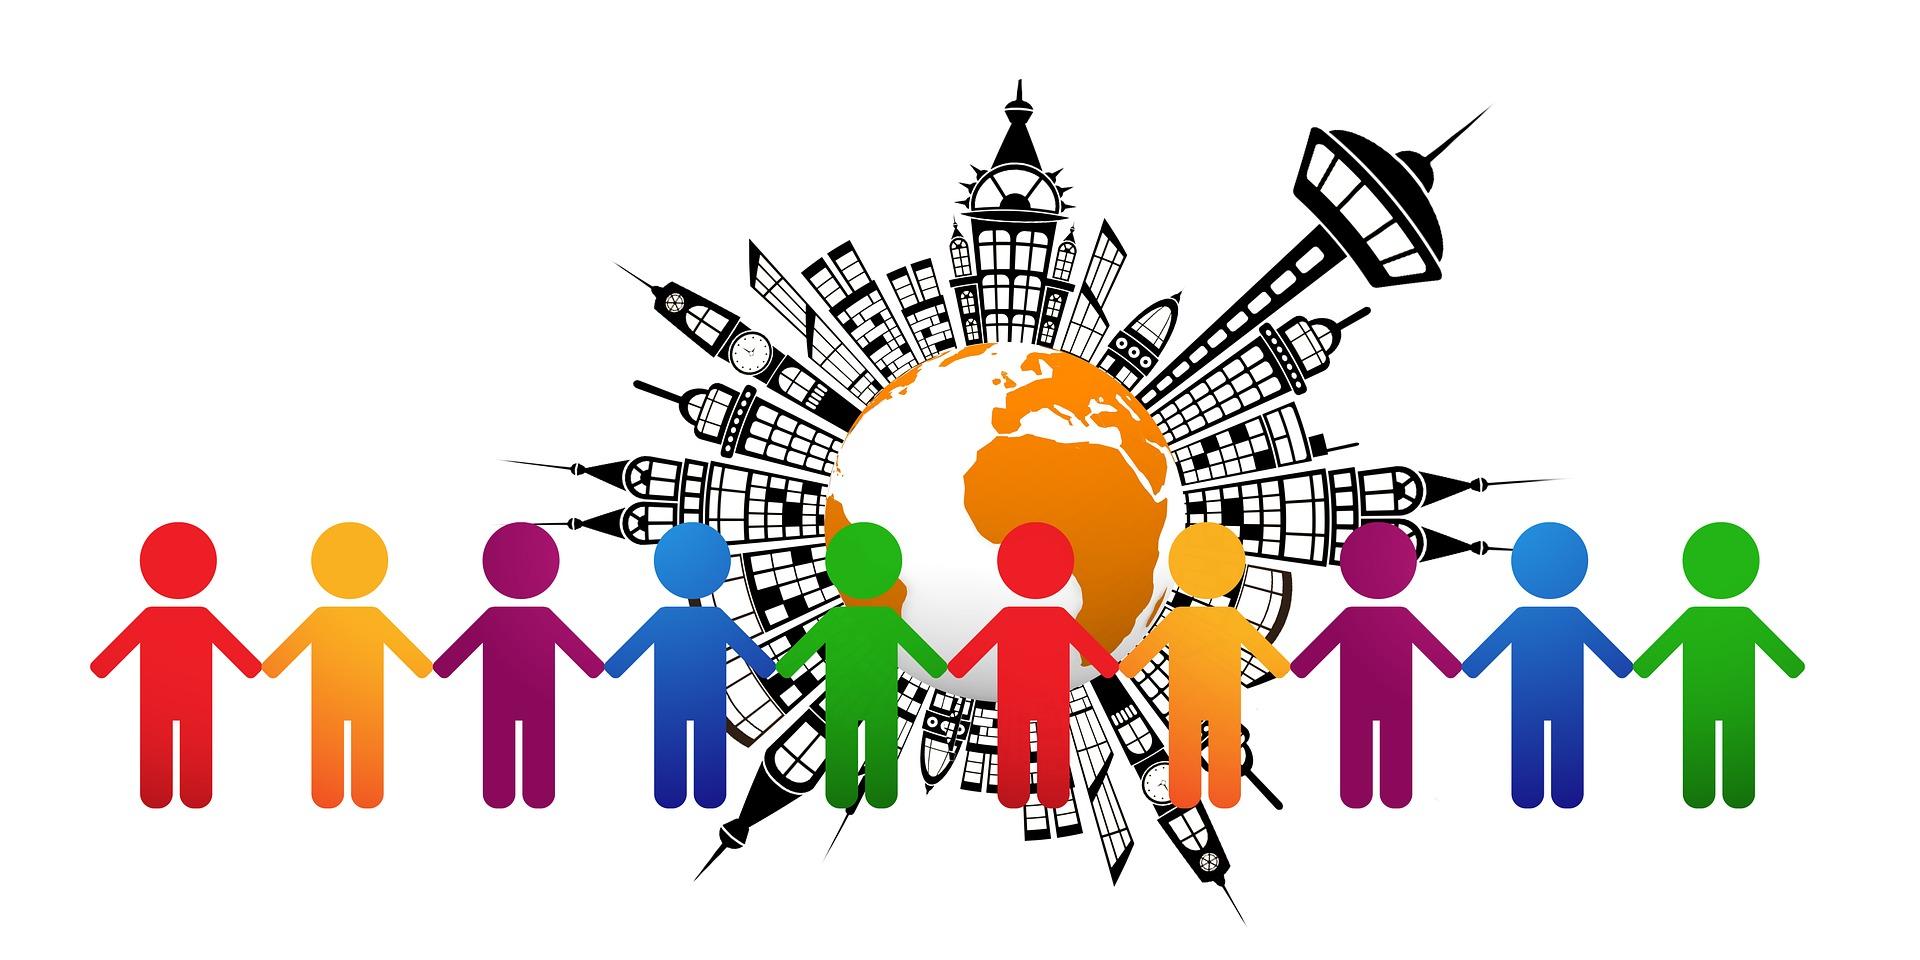 Финансовые сообщества - жадная семья